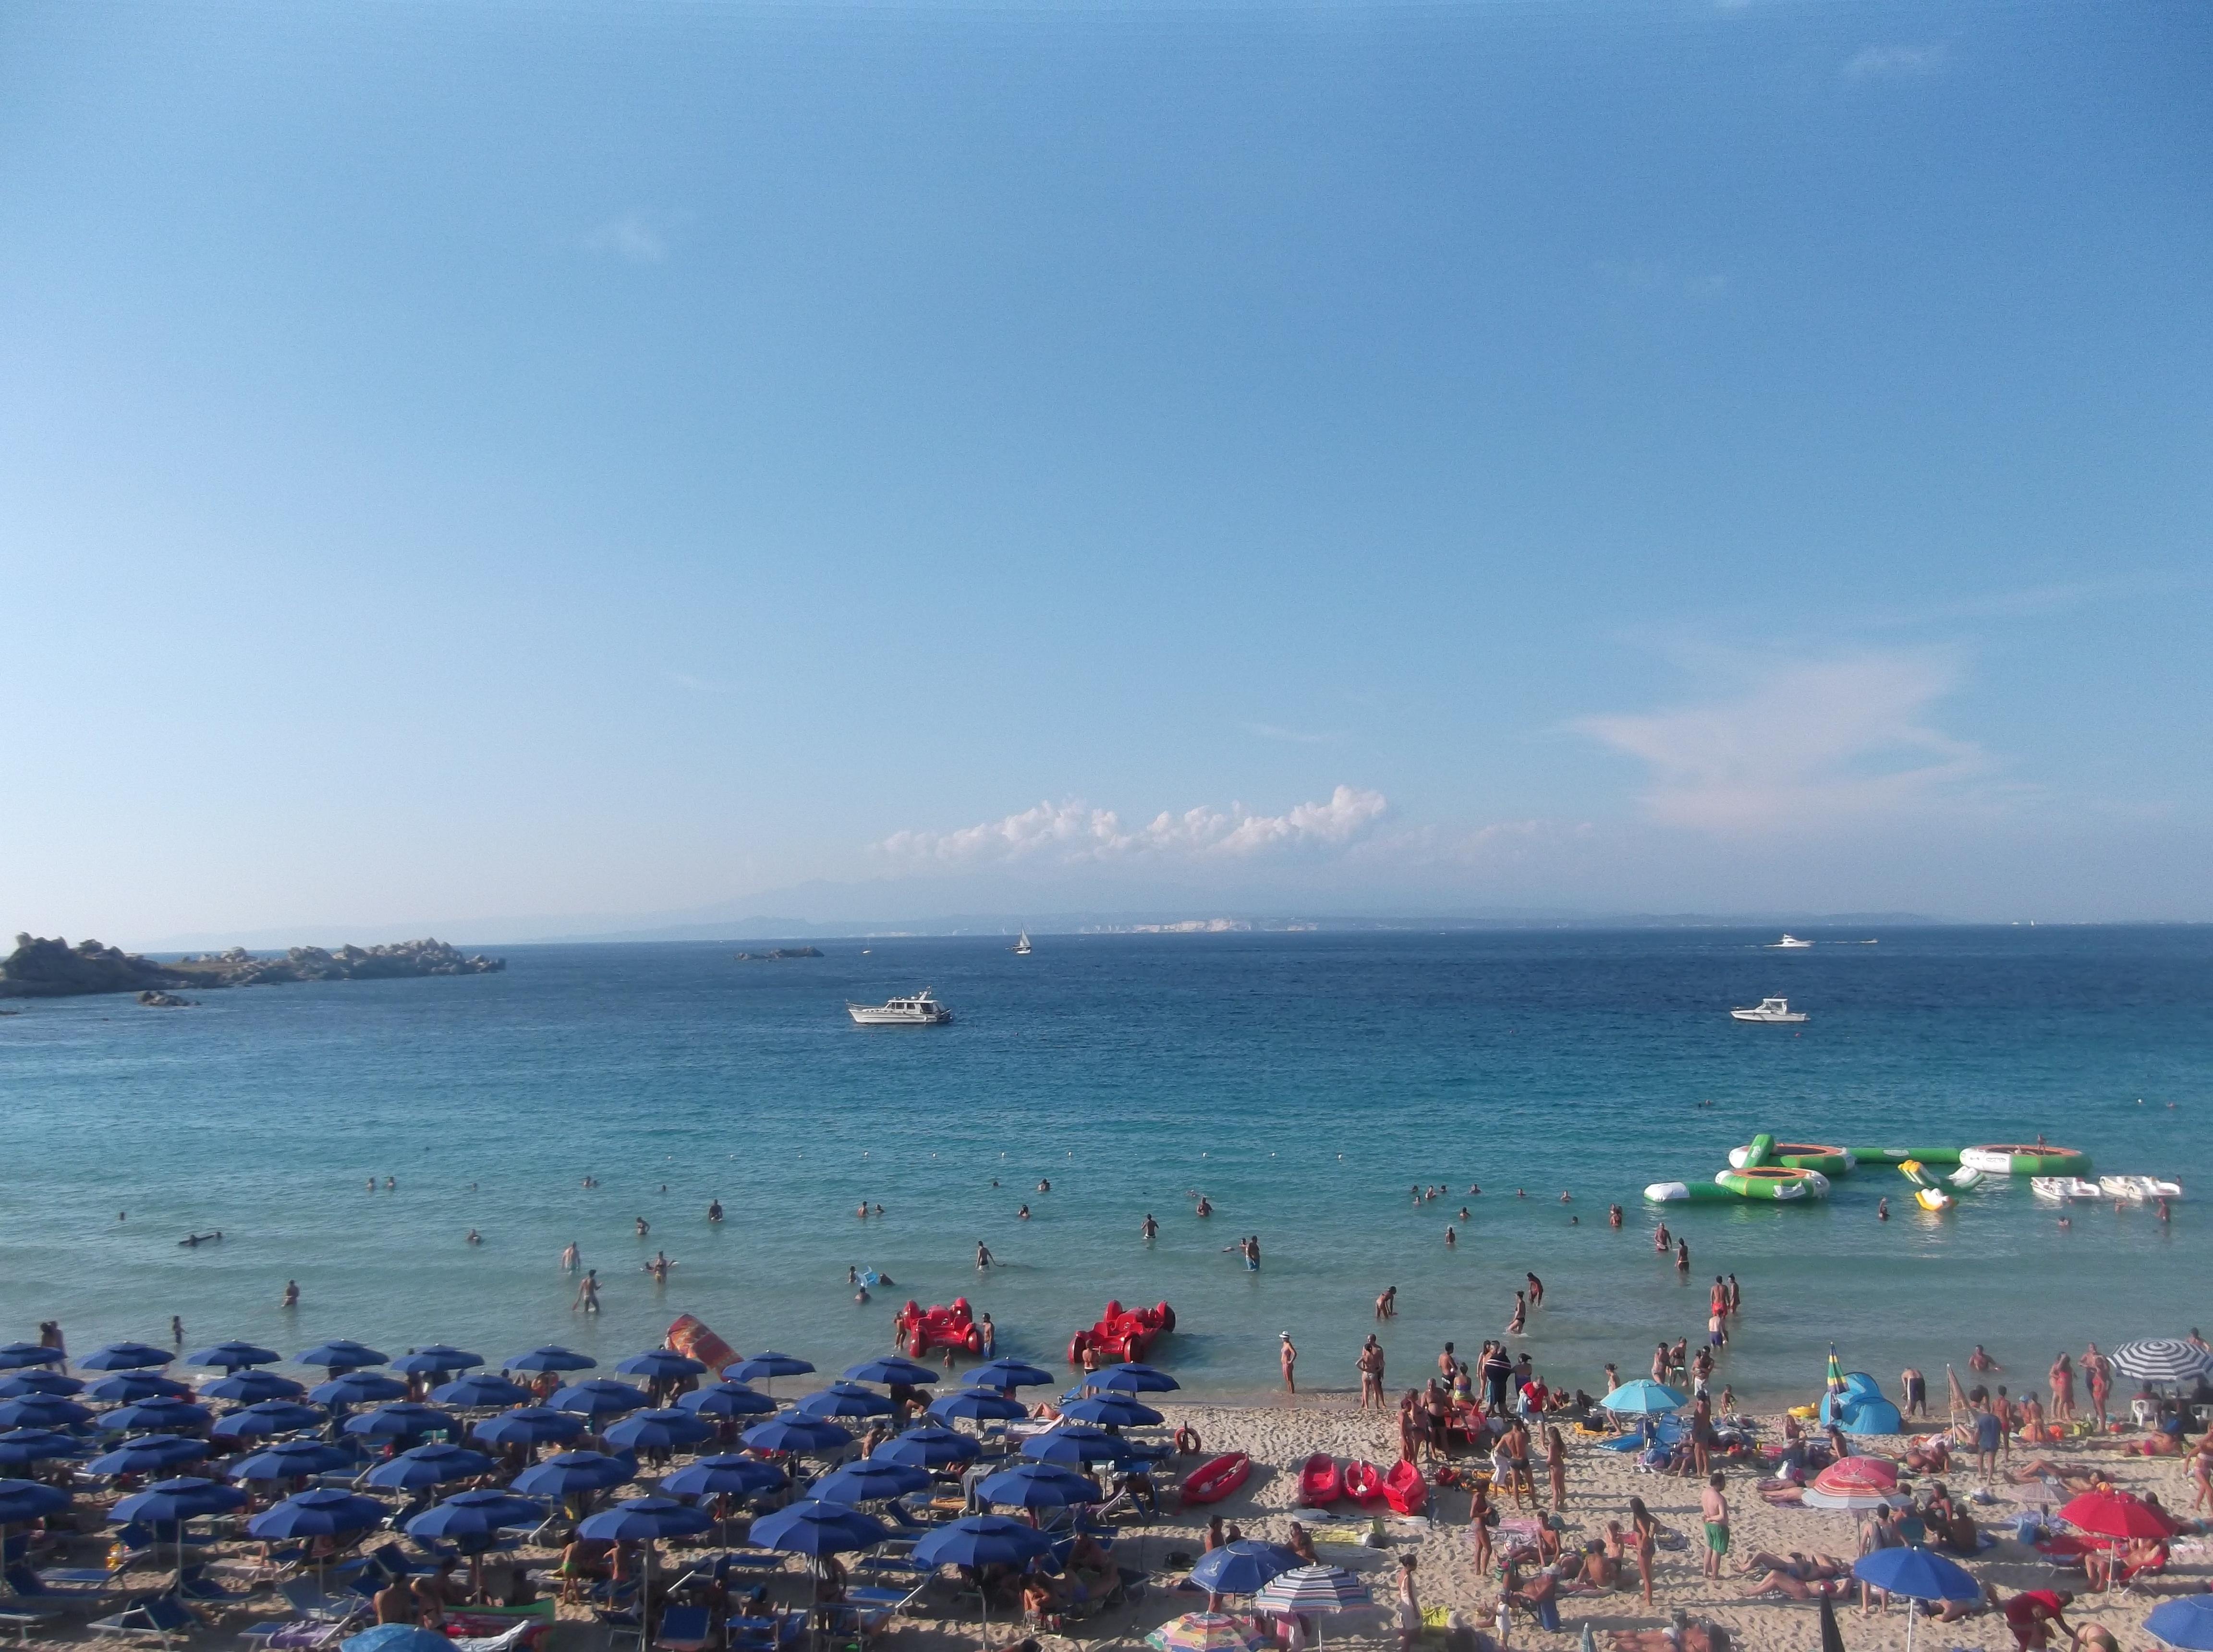 La plage de Santa Teresa Gallura